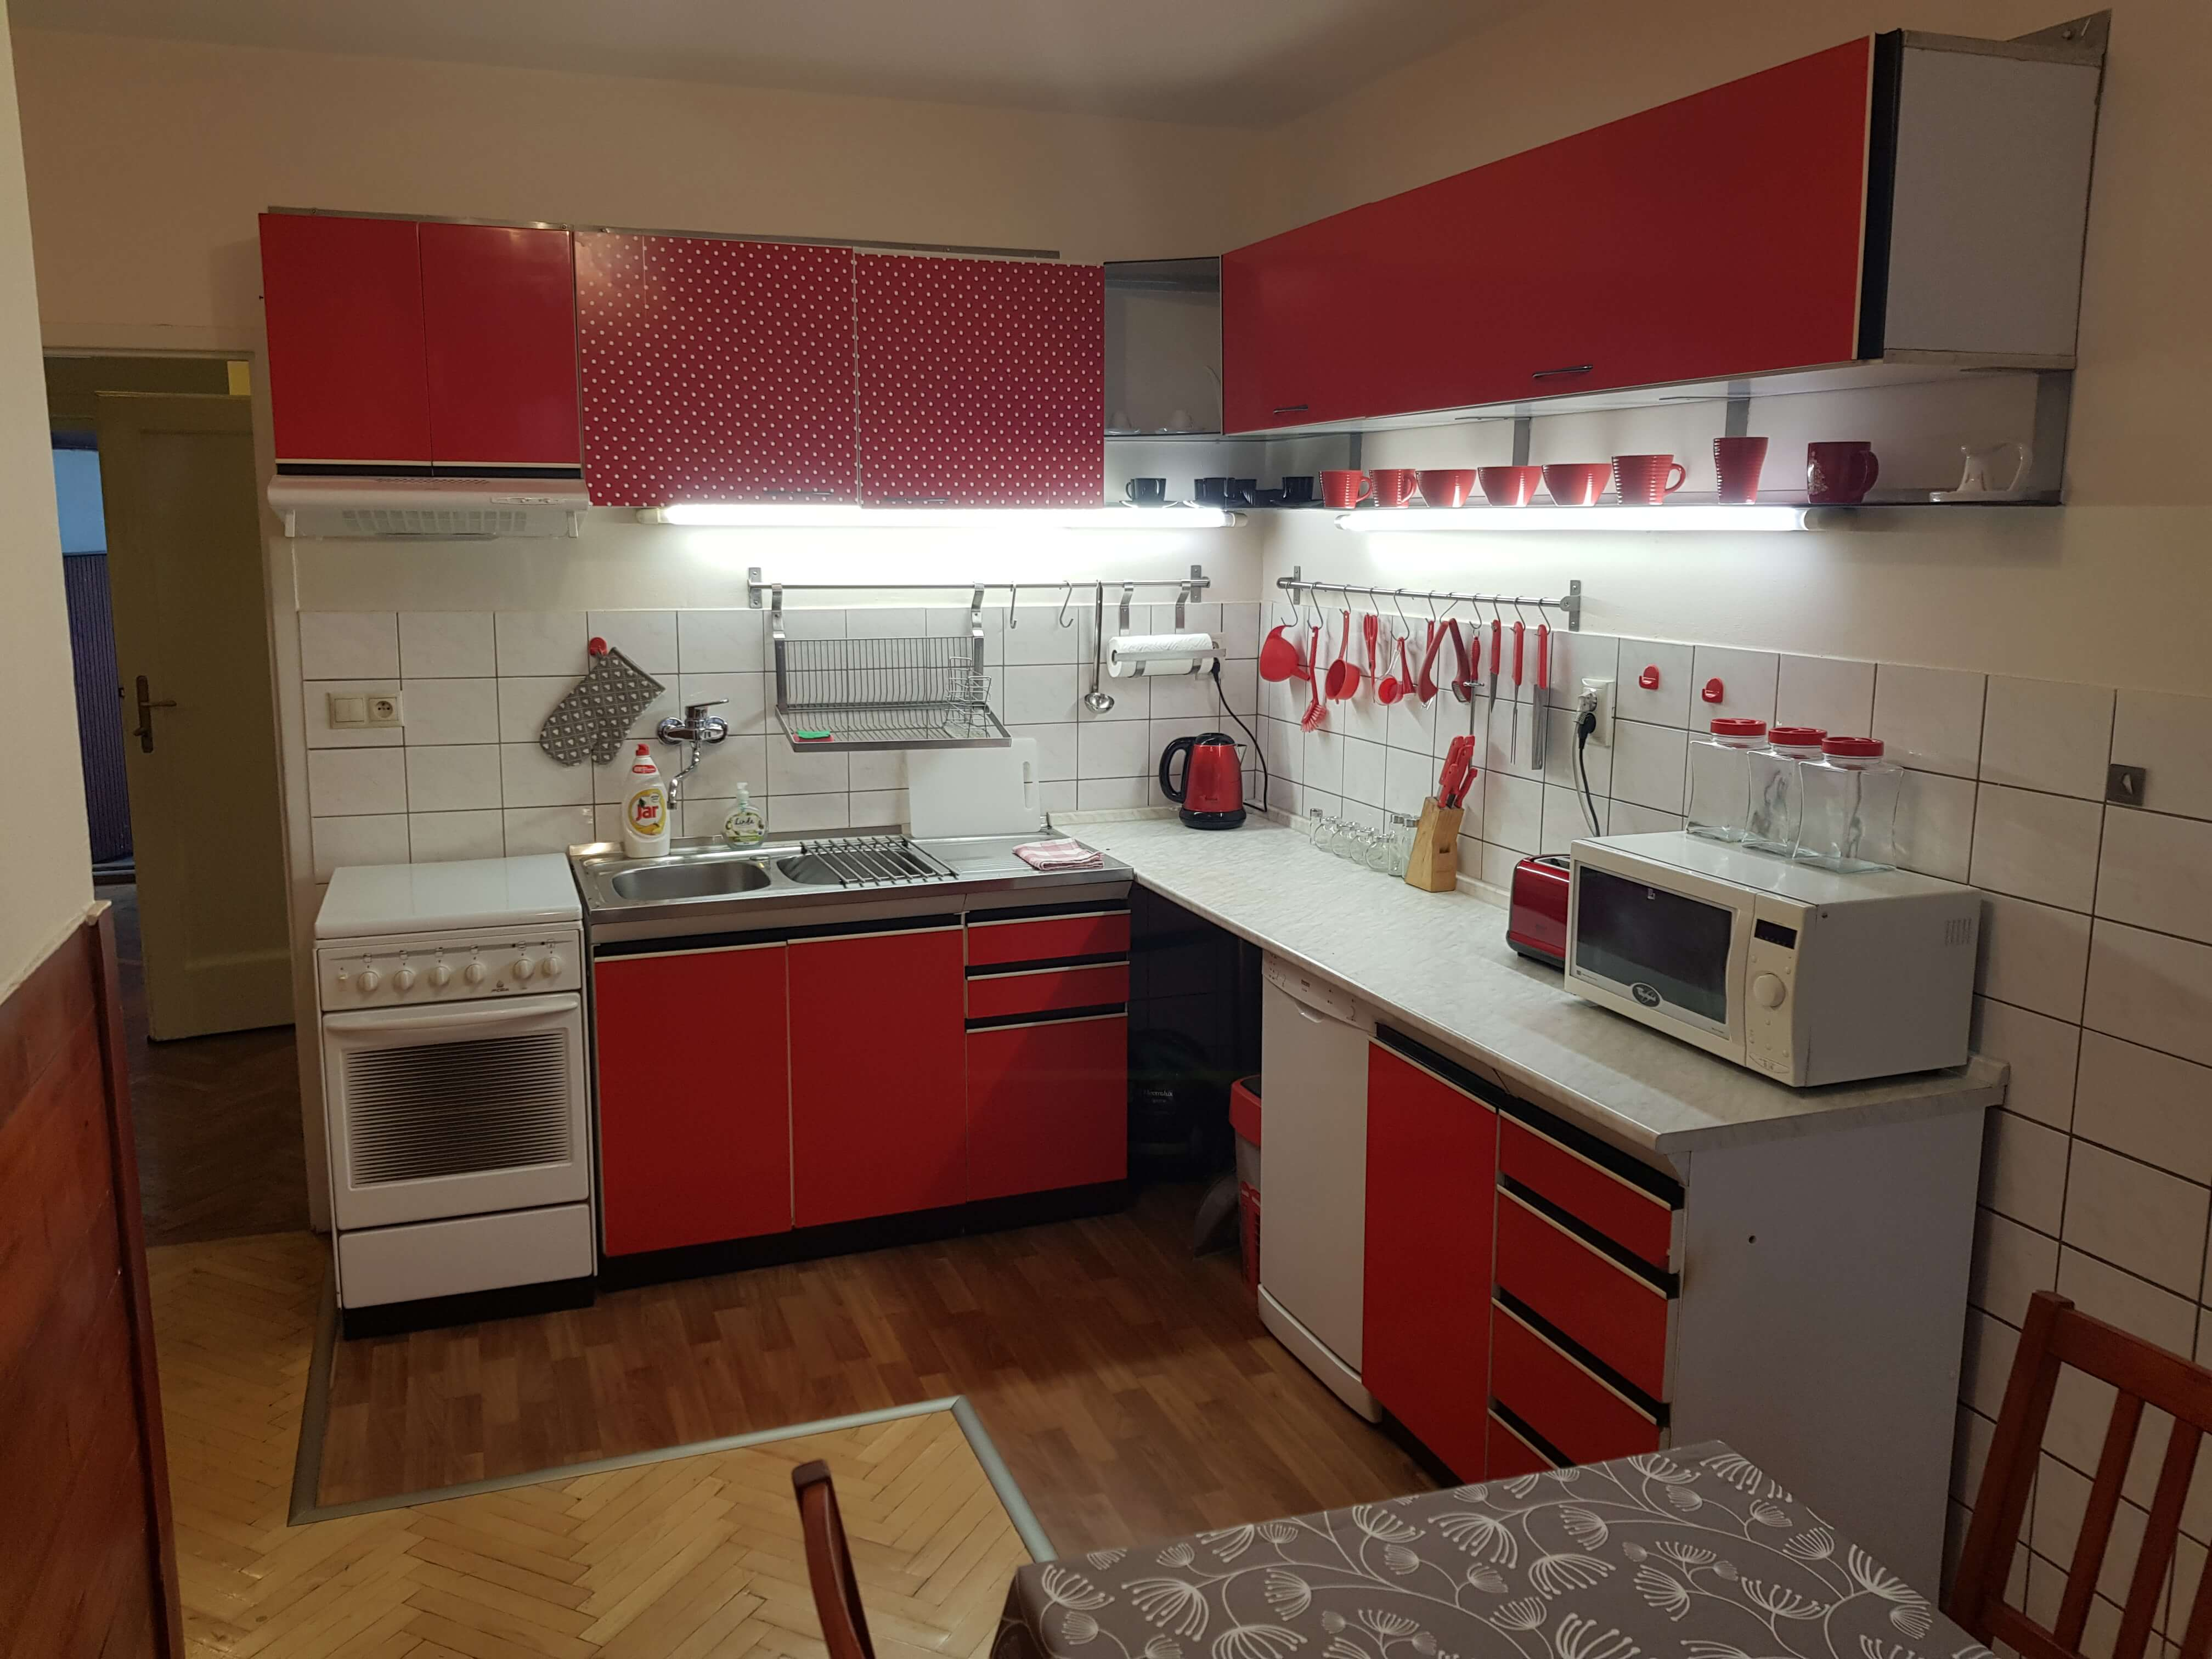 Predaj exkluzívneho 2 izb. bytu, staré mesto, Šancová ulica, Bratislava, 75m2, kompletne zariadený-17